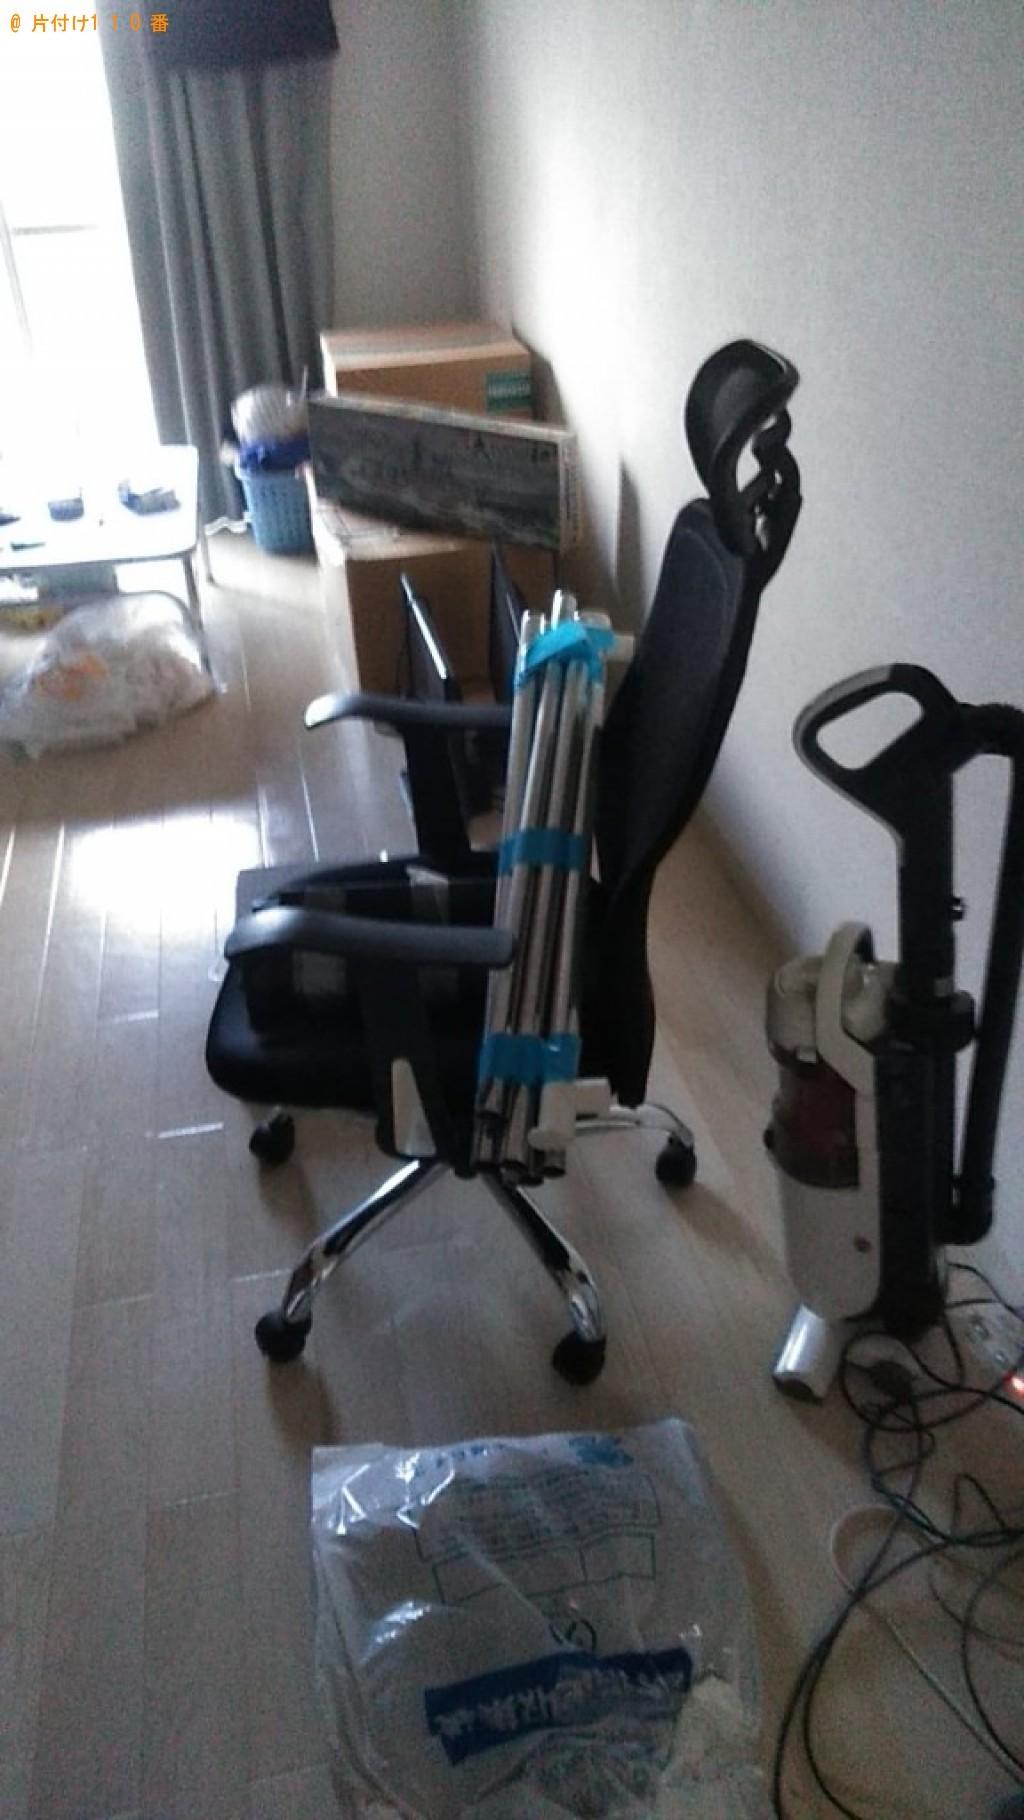 【西条市大町】テレビ、パソコン、モニタ、こたつ、椅子等の回収